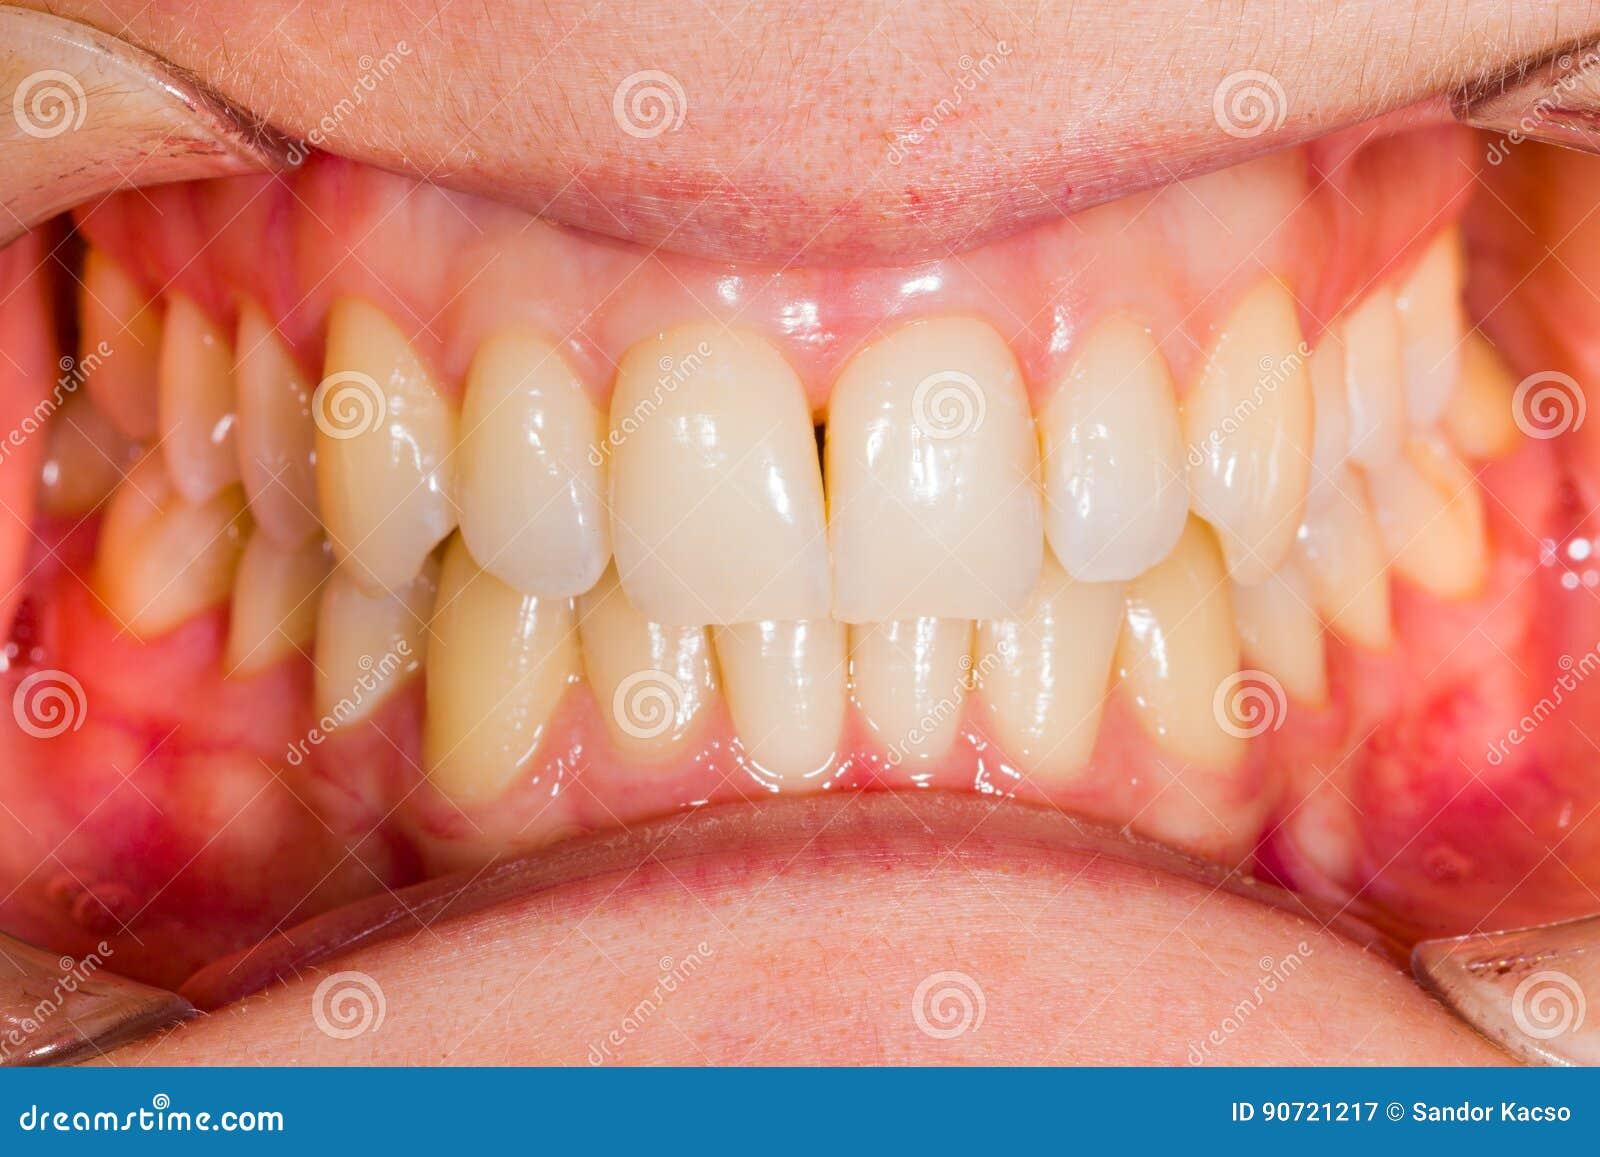 Anatomía dental imagen de archivo. Imagen de médico, mujer - 90721217